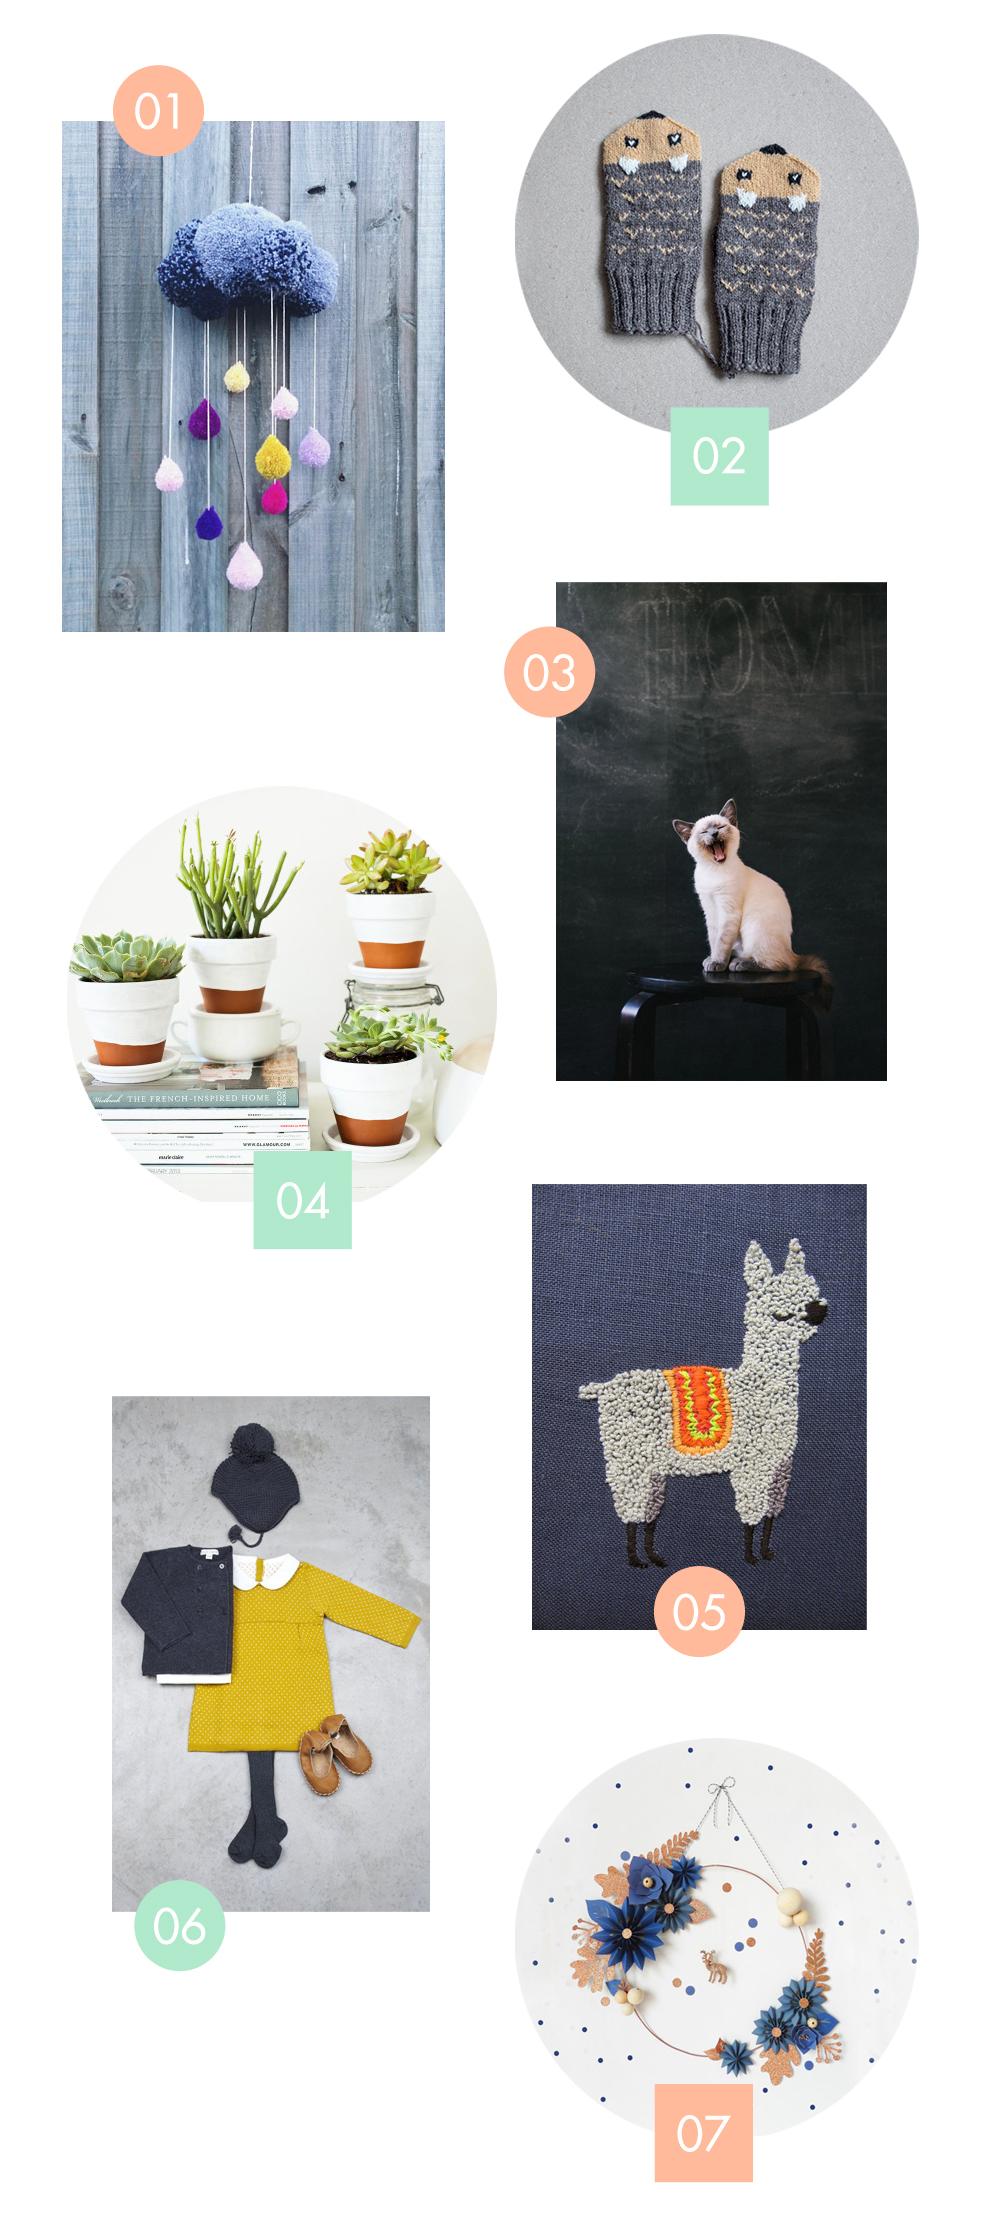 Inspiration #02 Charlene Girodet